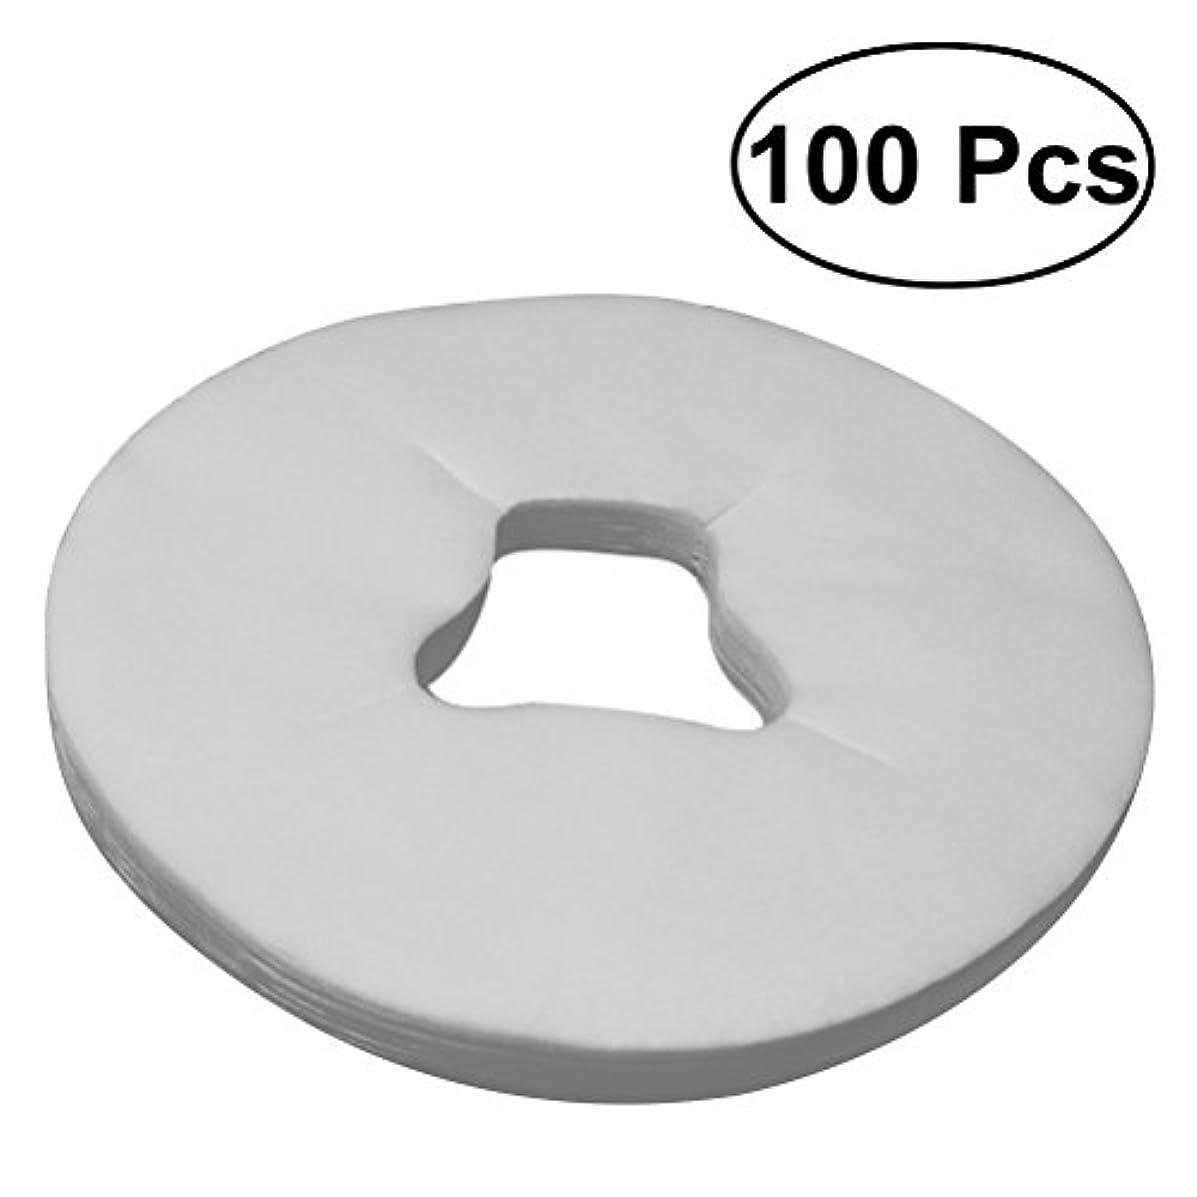 床を掃除する順応性のあるパレードULTNICE マッサージテーブル用100PCSディスポーザブルフェイスレストカバー